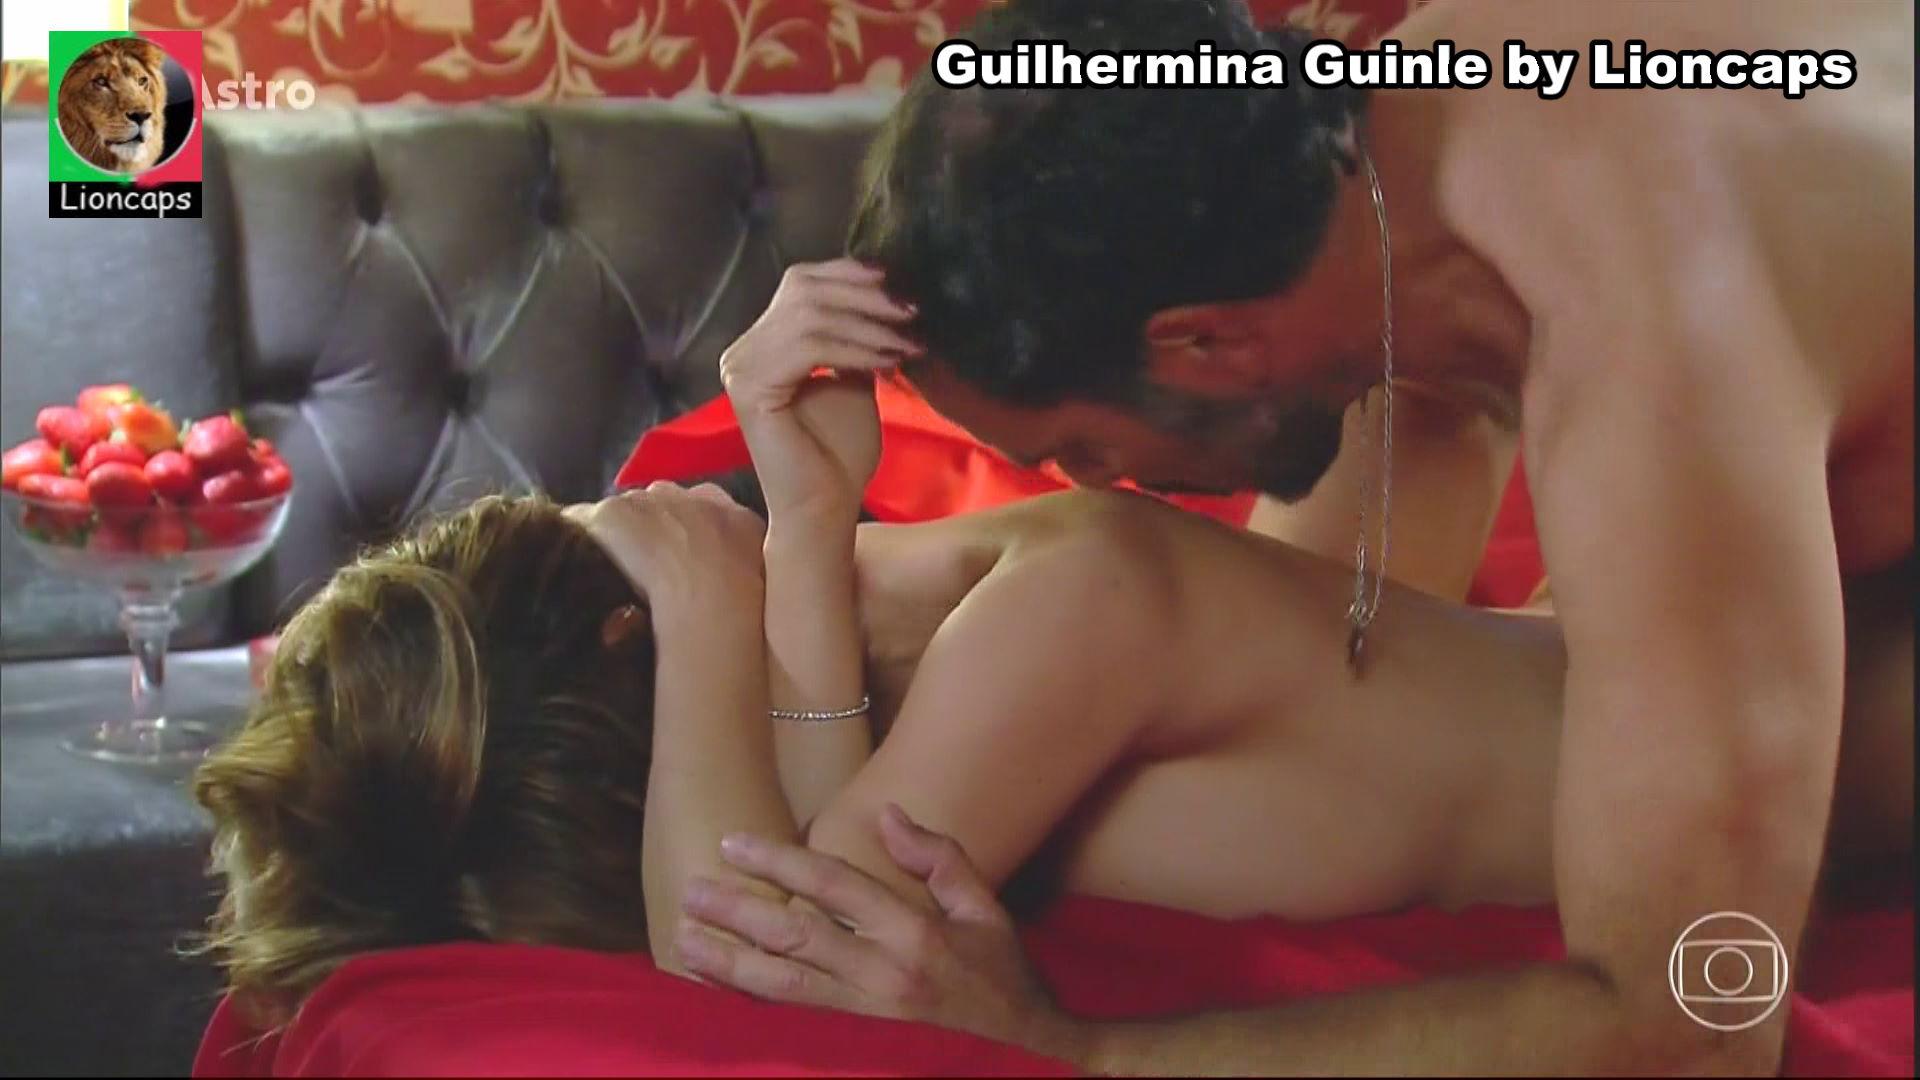 295117375_guilhermina_guinle_vs190623_13114_122_391lo.JPG